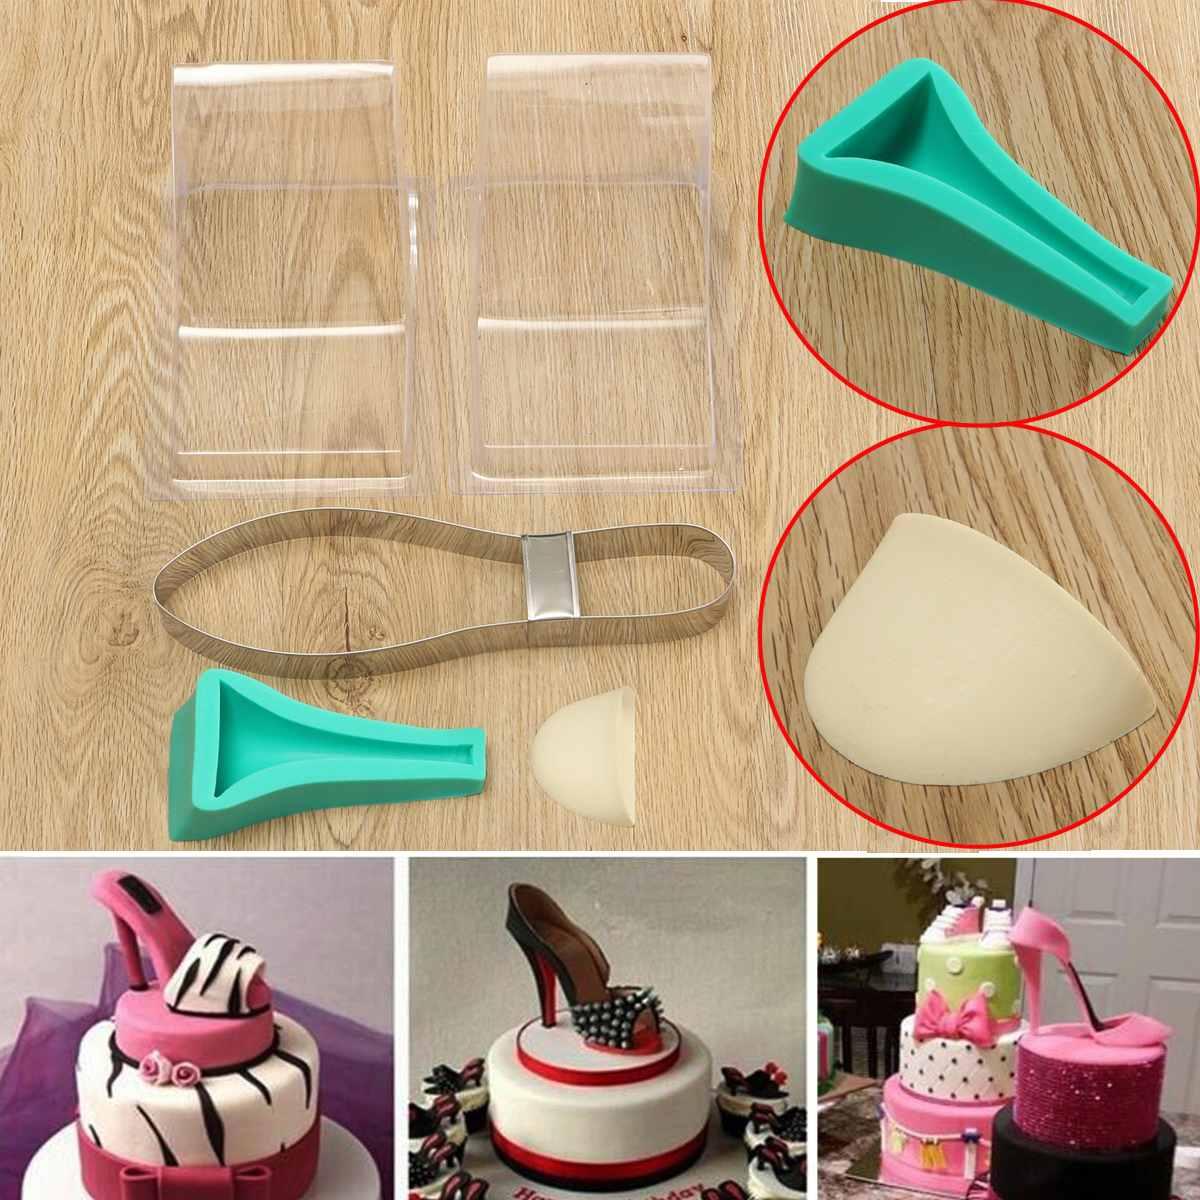 Набор для обуви на высоком каблуке, силиконовая форма для помадки, форма для украшения торта, украшения для свадебного торта, DIY Kit